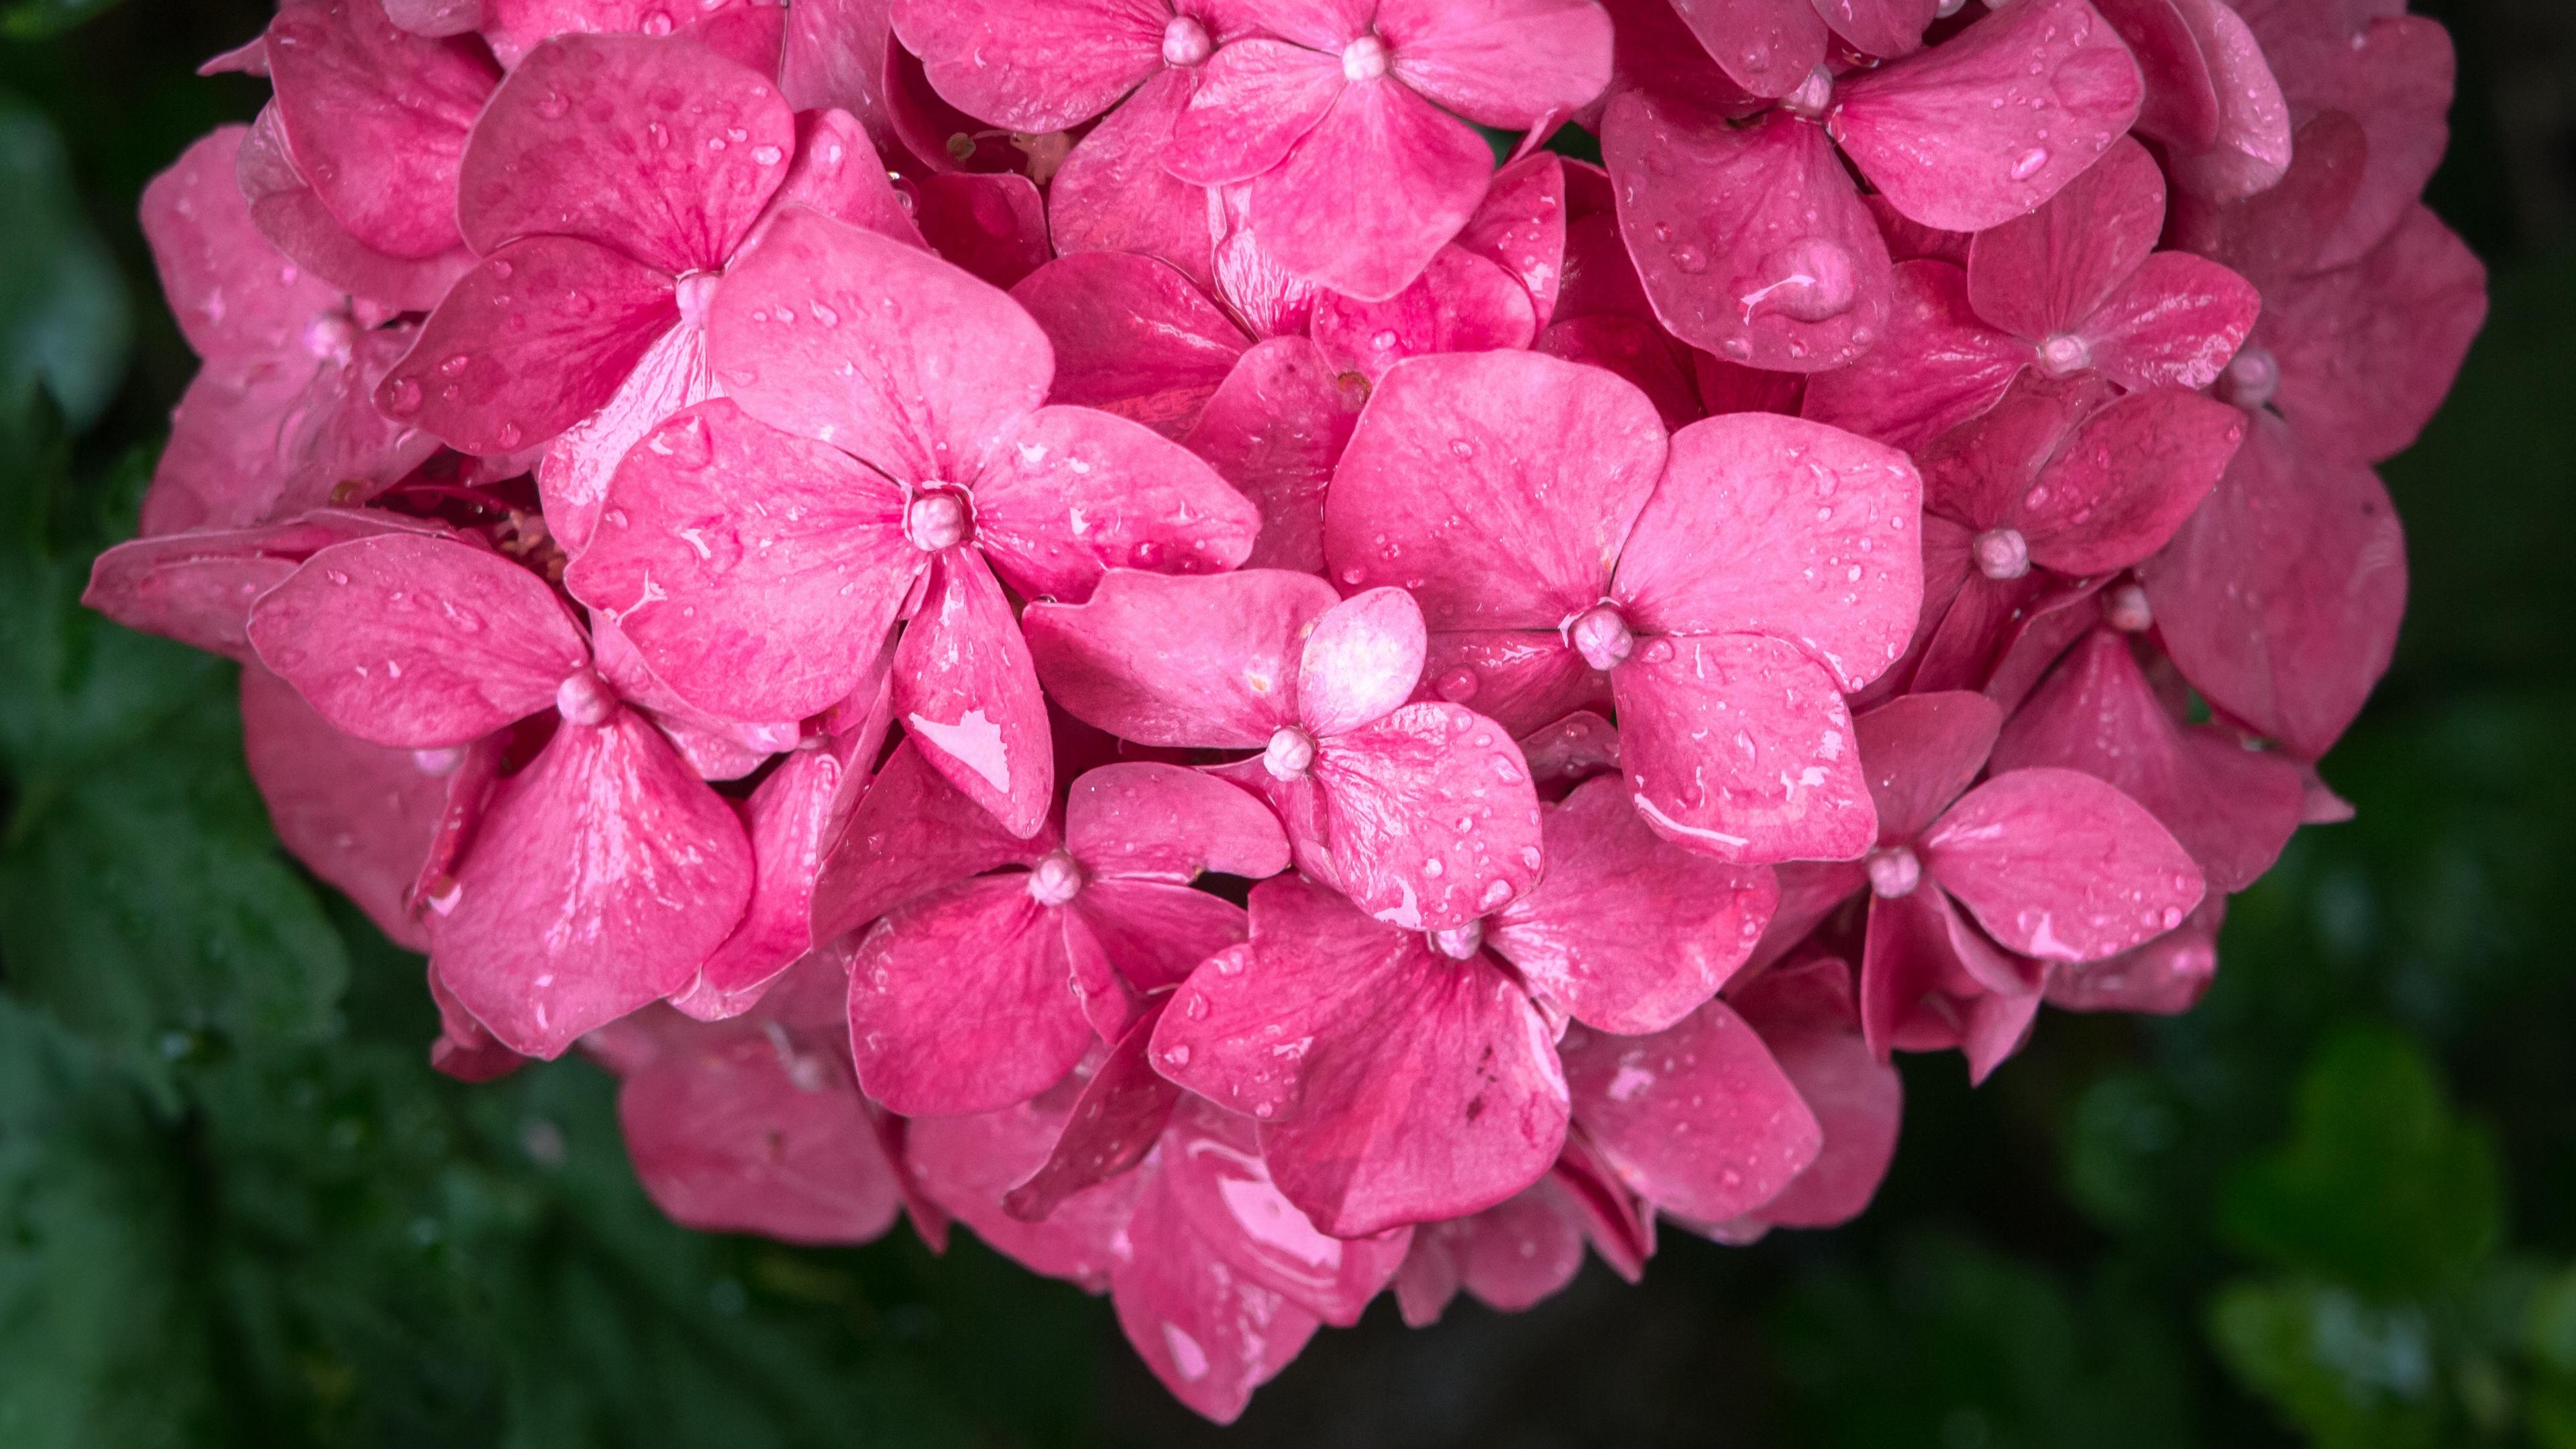 flowers petals pink drops 4k 1540064725 - flowers, petals, pink, drops 4k - Pink, Petals, Flowers